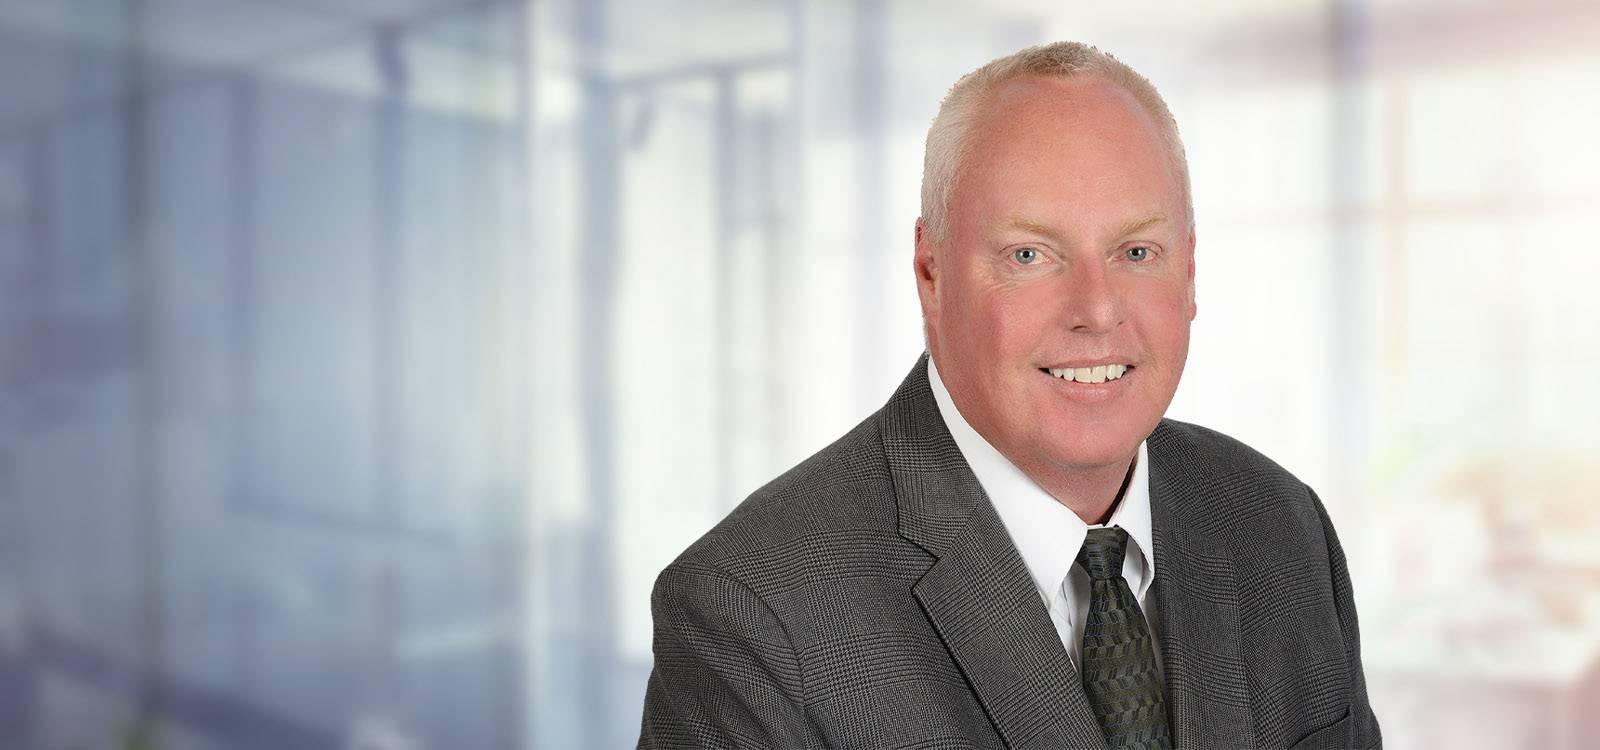 Chris Nysven